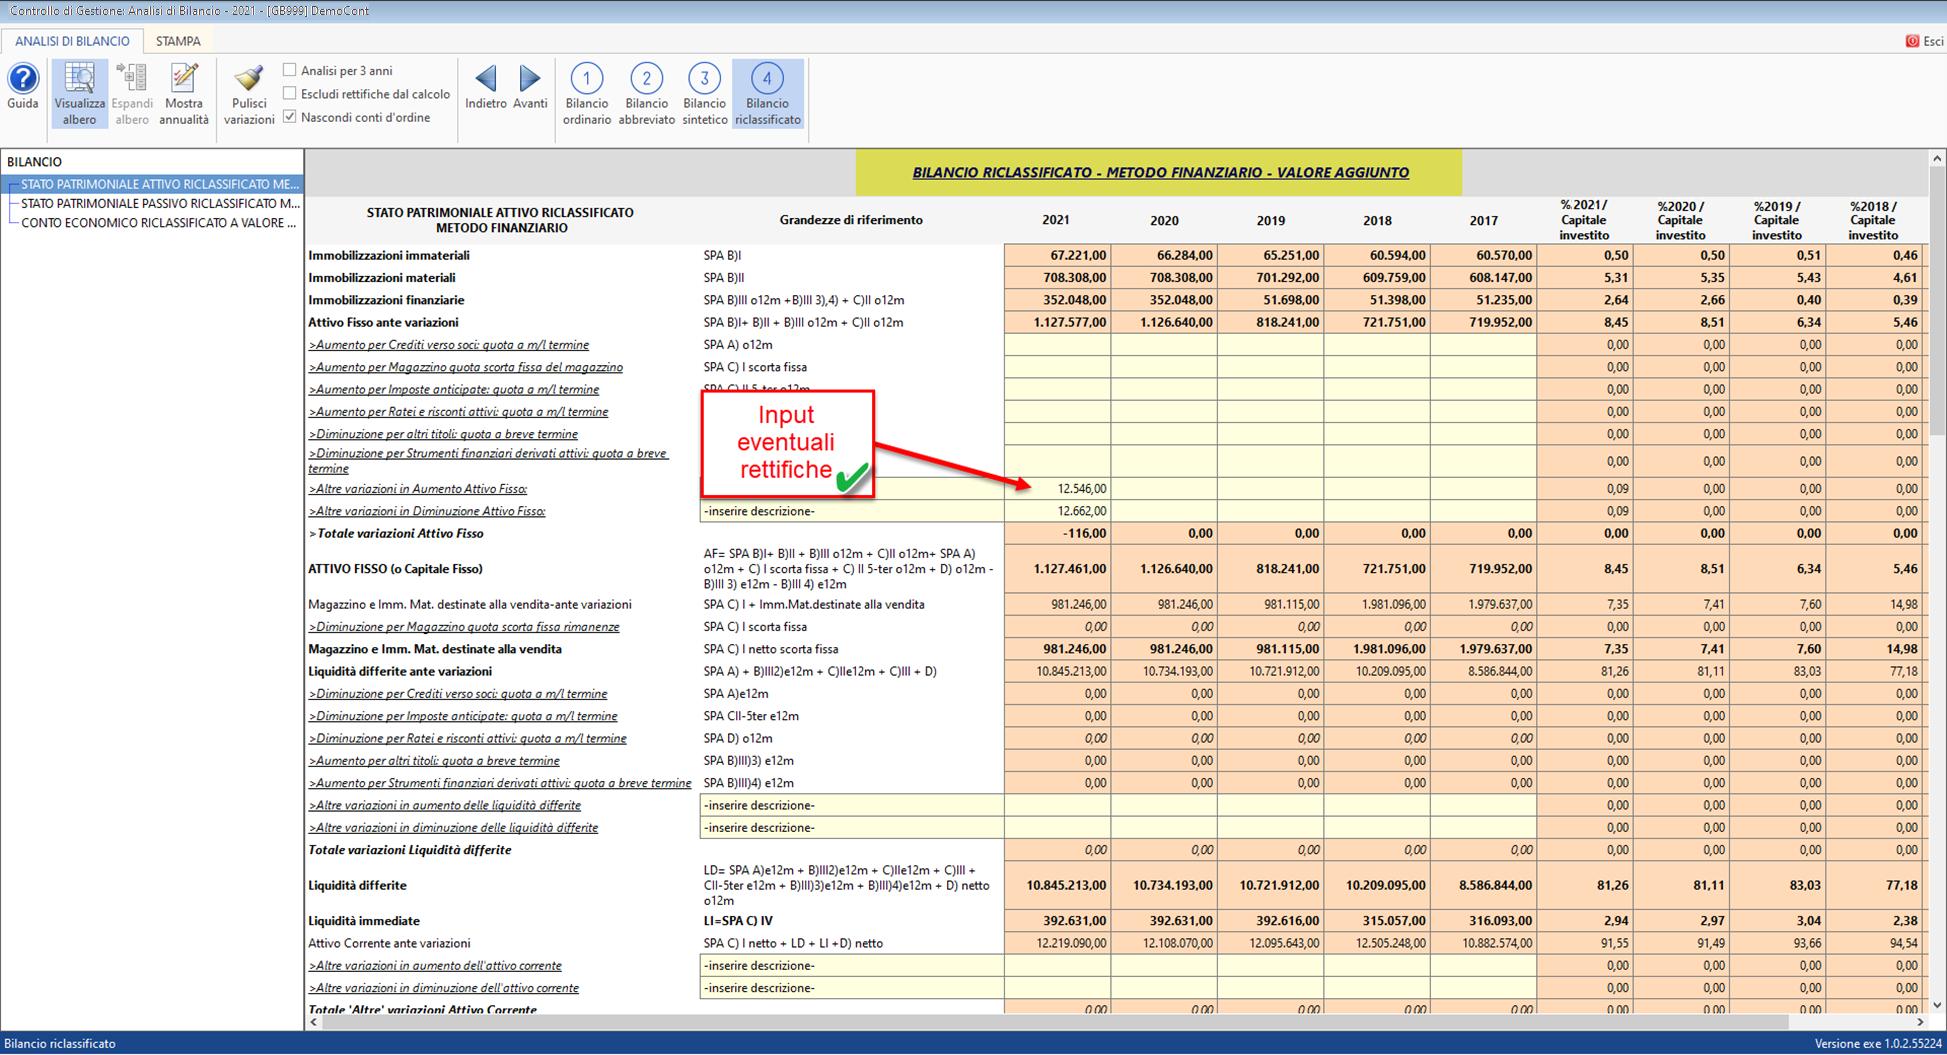 Analisi di Bilancio sintetica: applicazione disponibile: sezione bilanci riclassificati